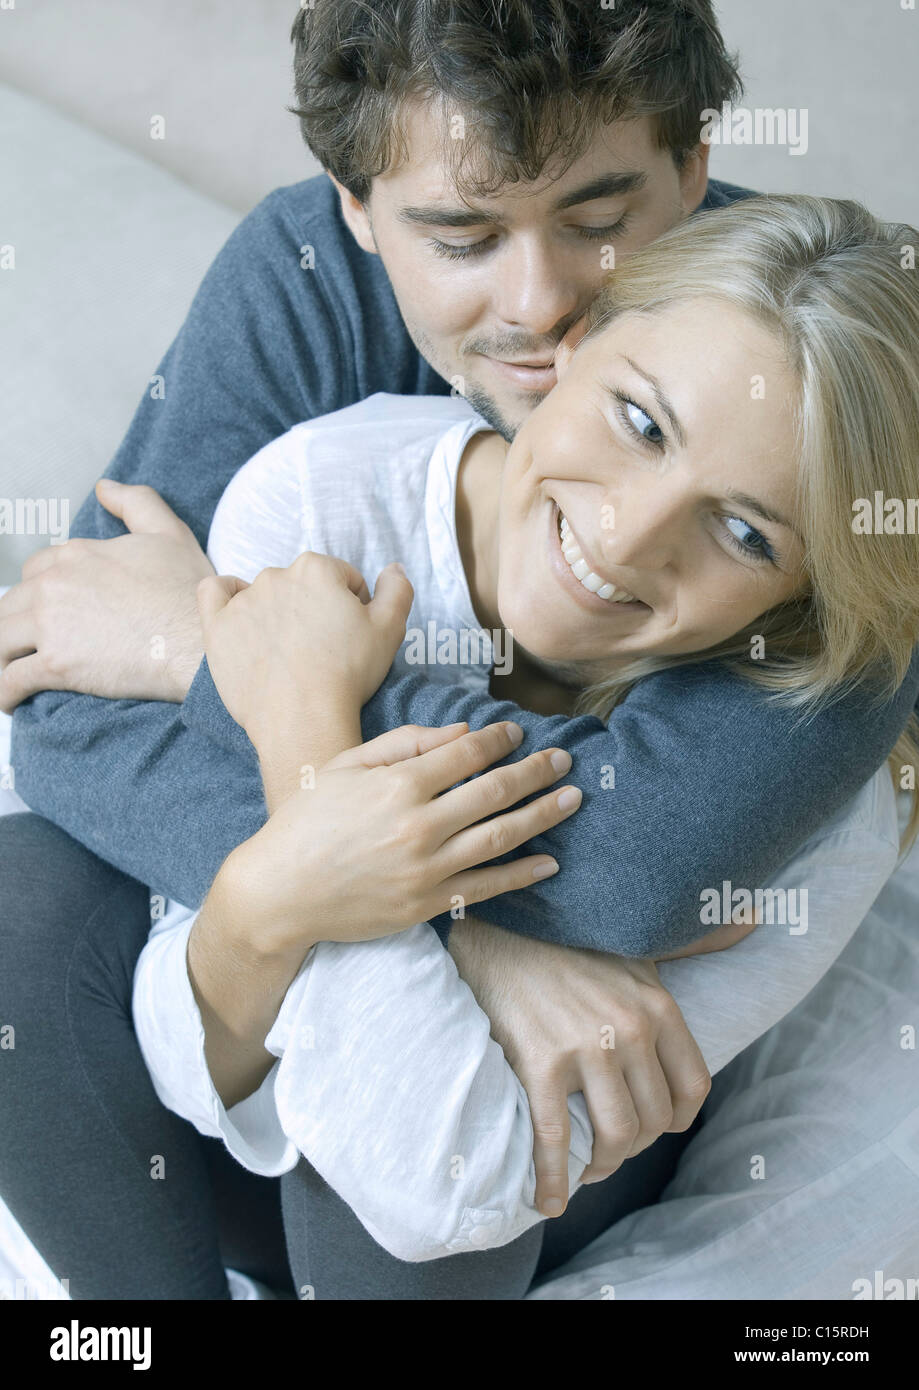 Affettuosa coppia giovane Immagini Stock